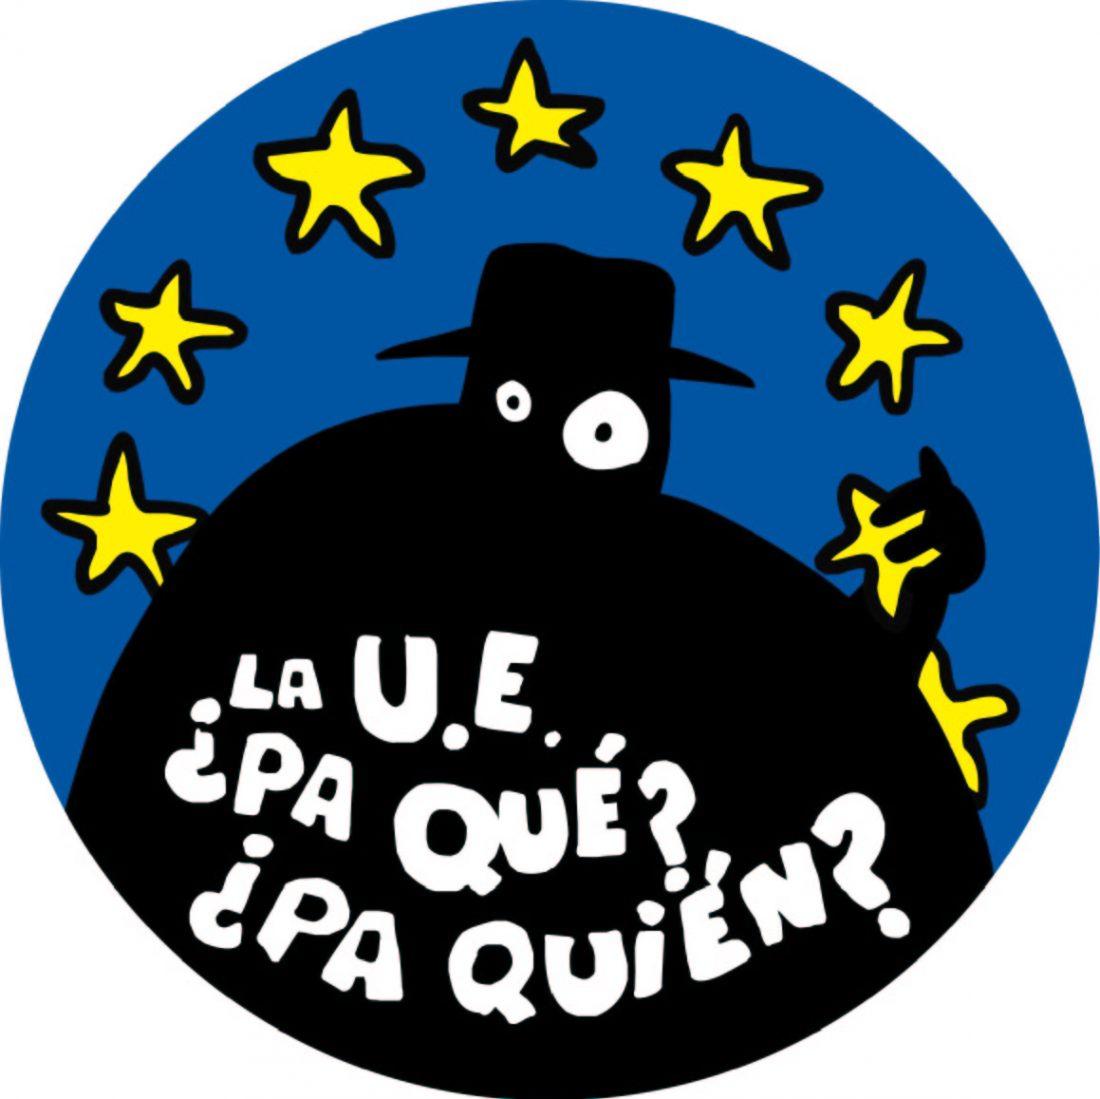 Falsa democracia sin ruido: El Tratado de Lisboa ha sido ratificado por el Parlamento español el viernes 26 de junio